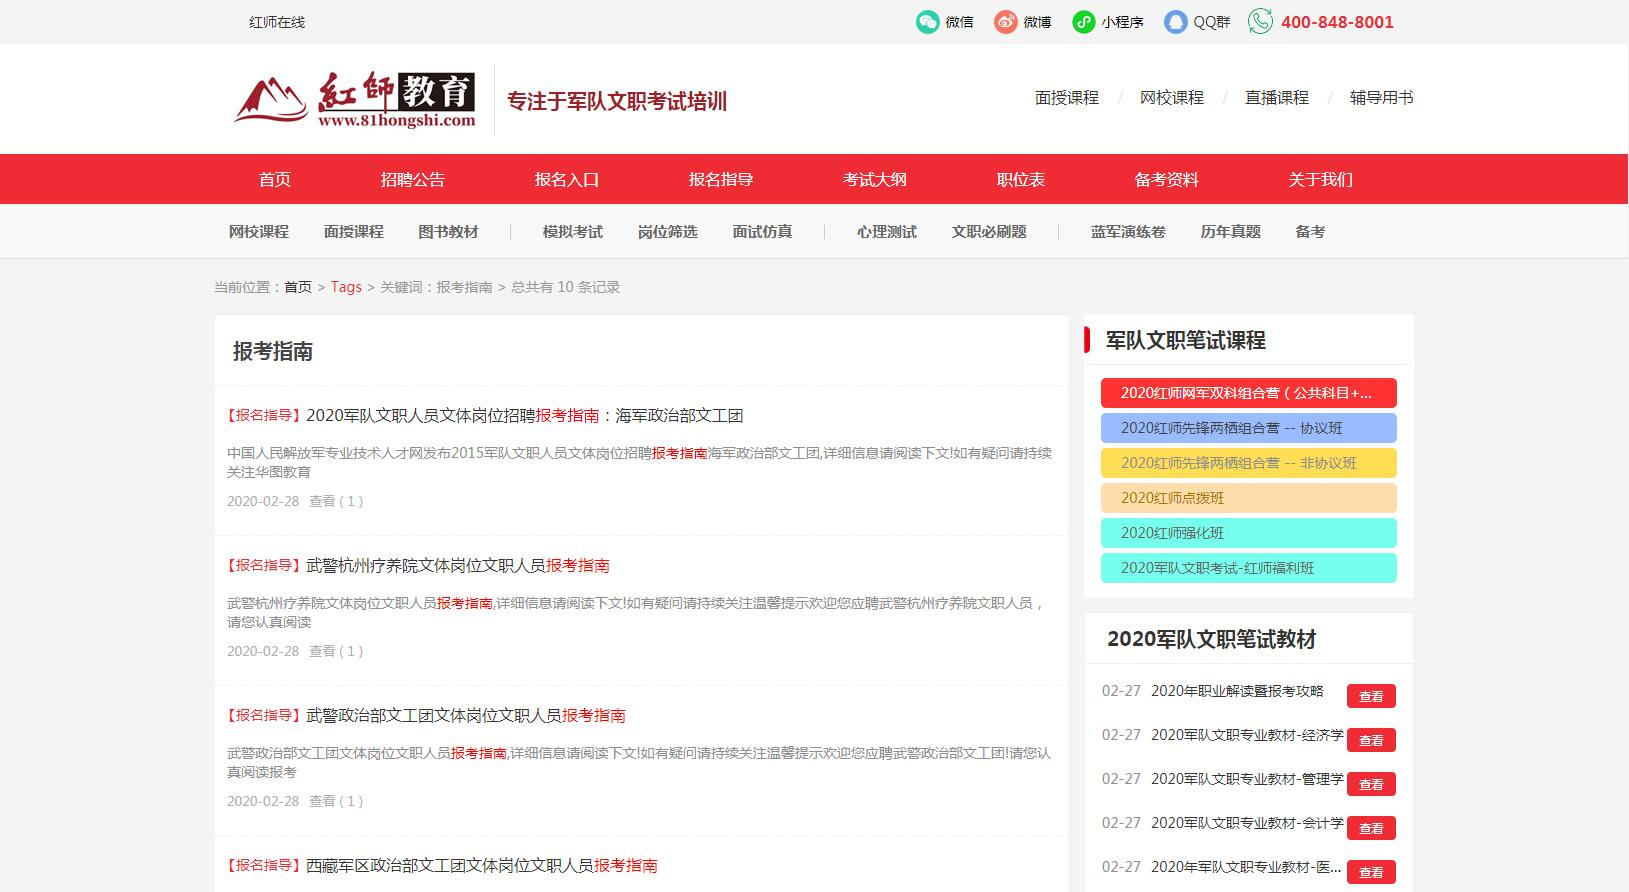 iRedTraining红色培训机构教育企业网站定制